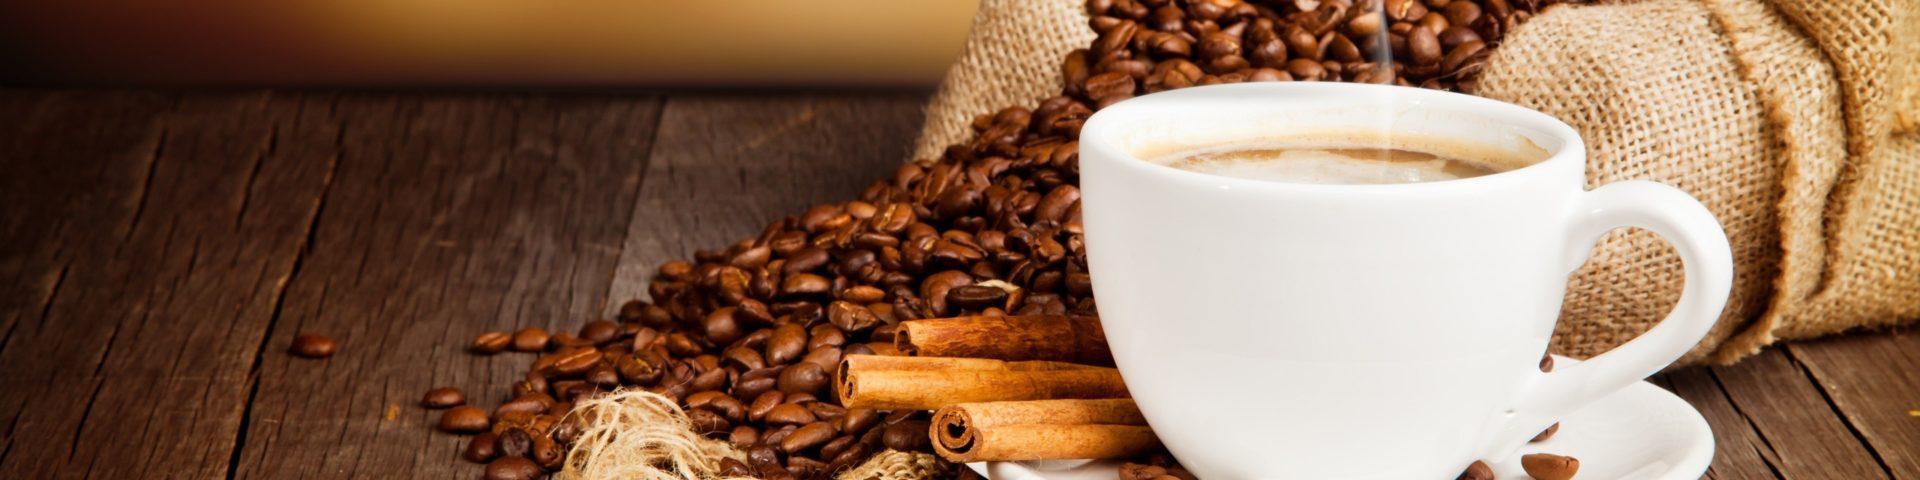 Кофе для кофейни